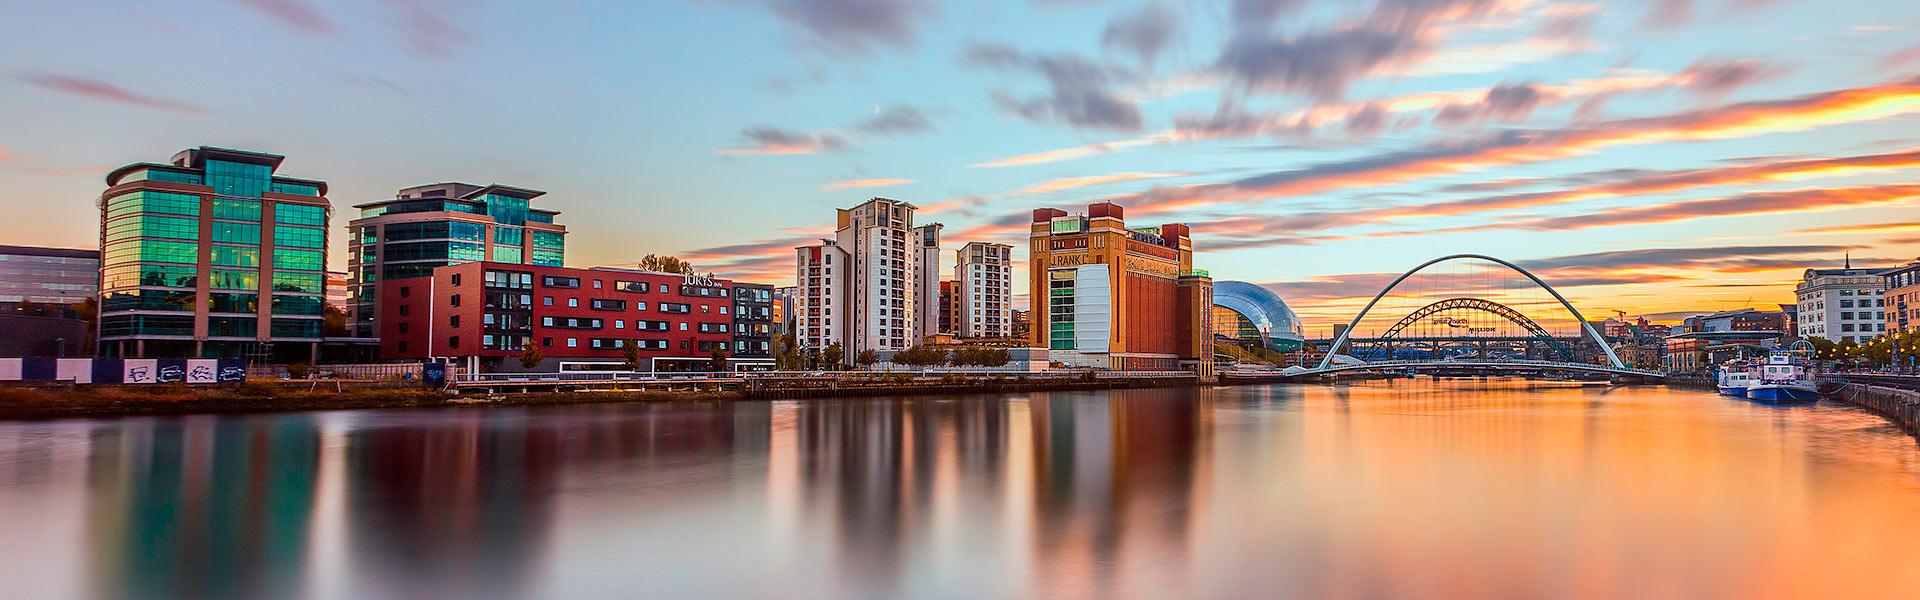 Cursos de inglés en Newcastle 2017 – Cursos de idiomas en el extranjero